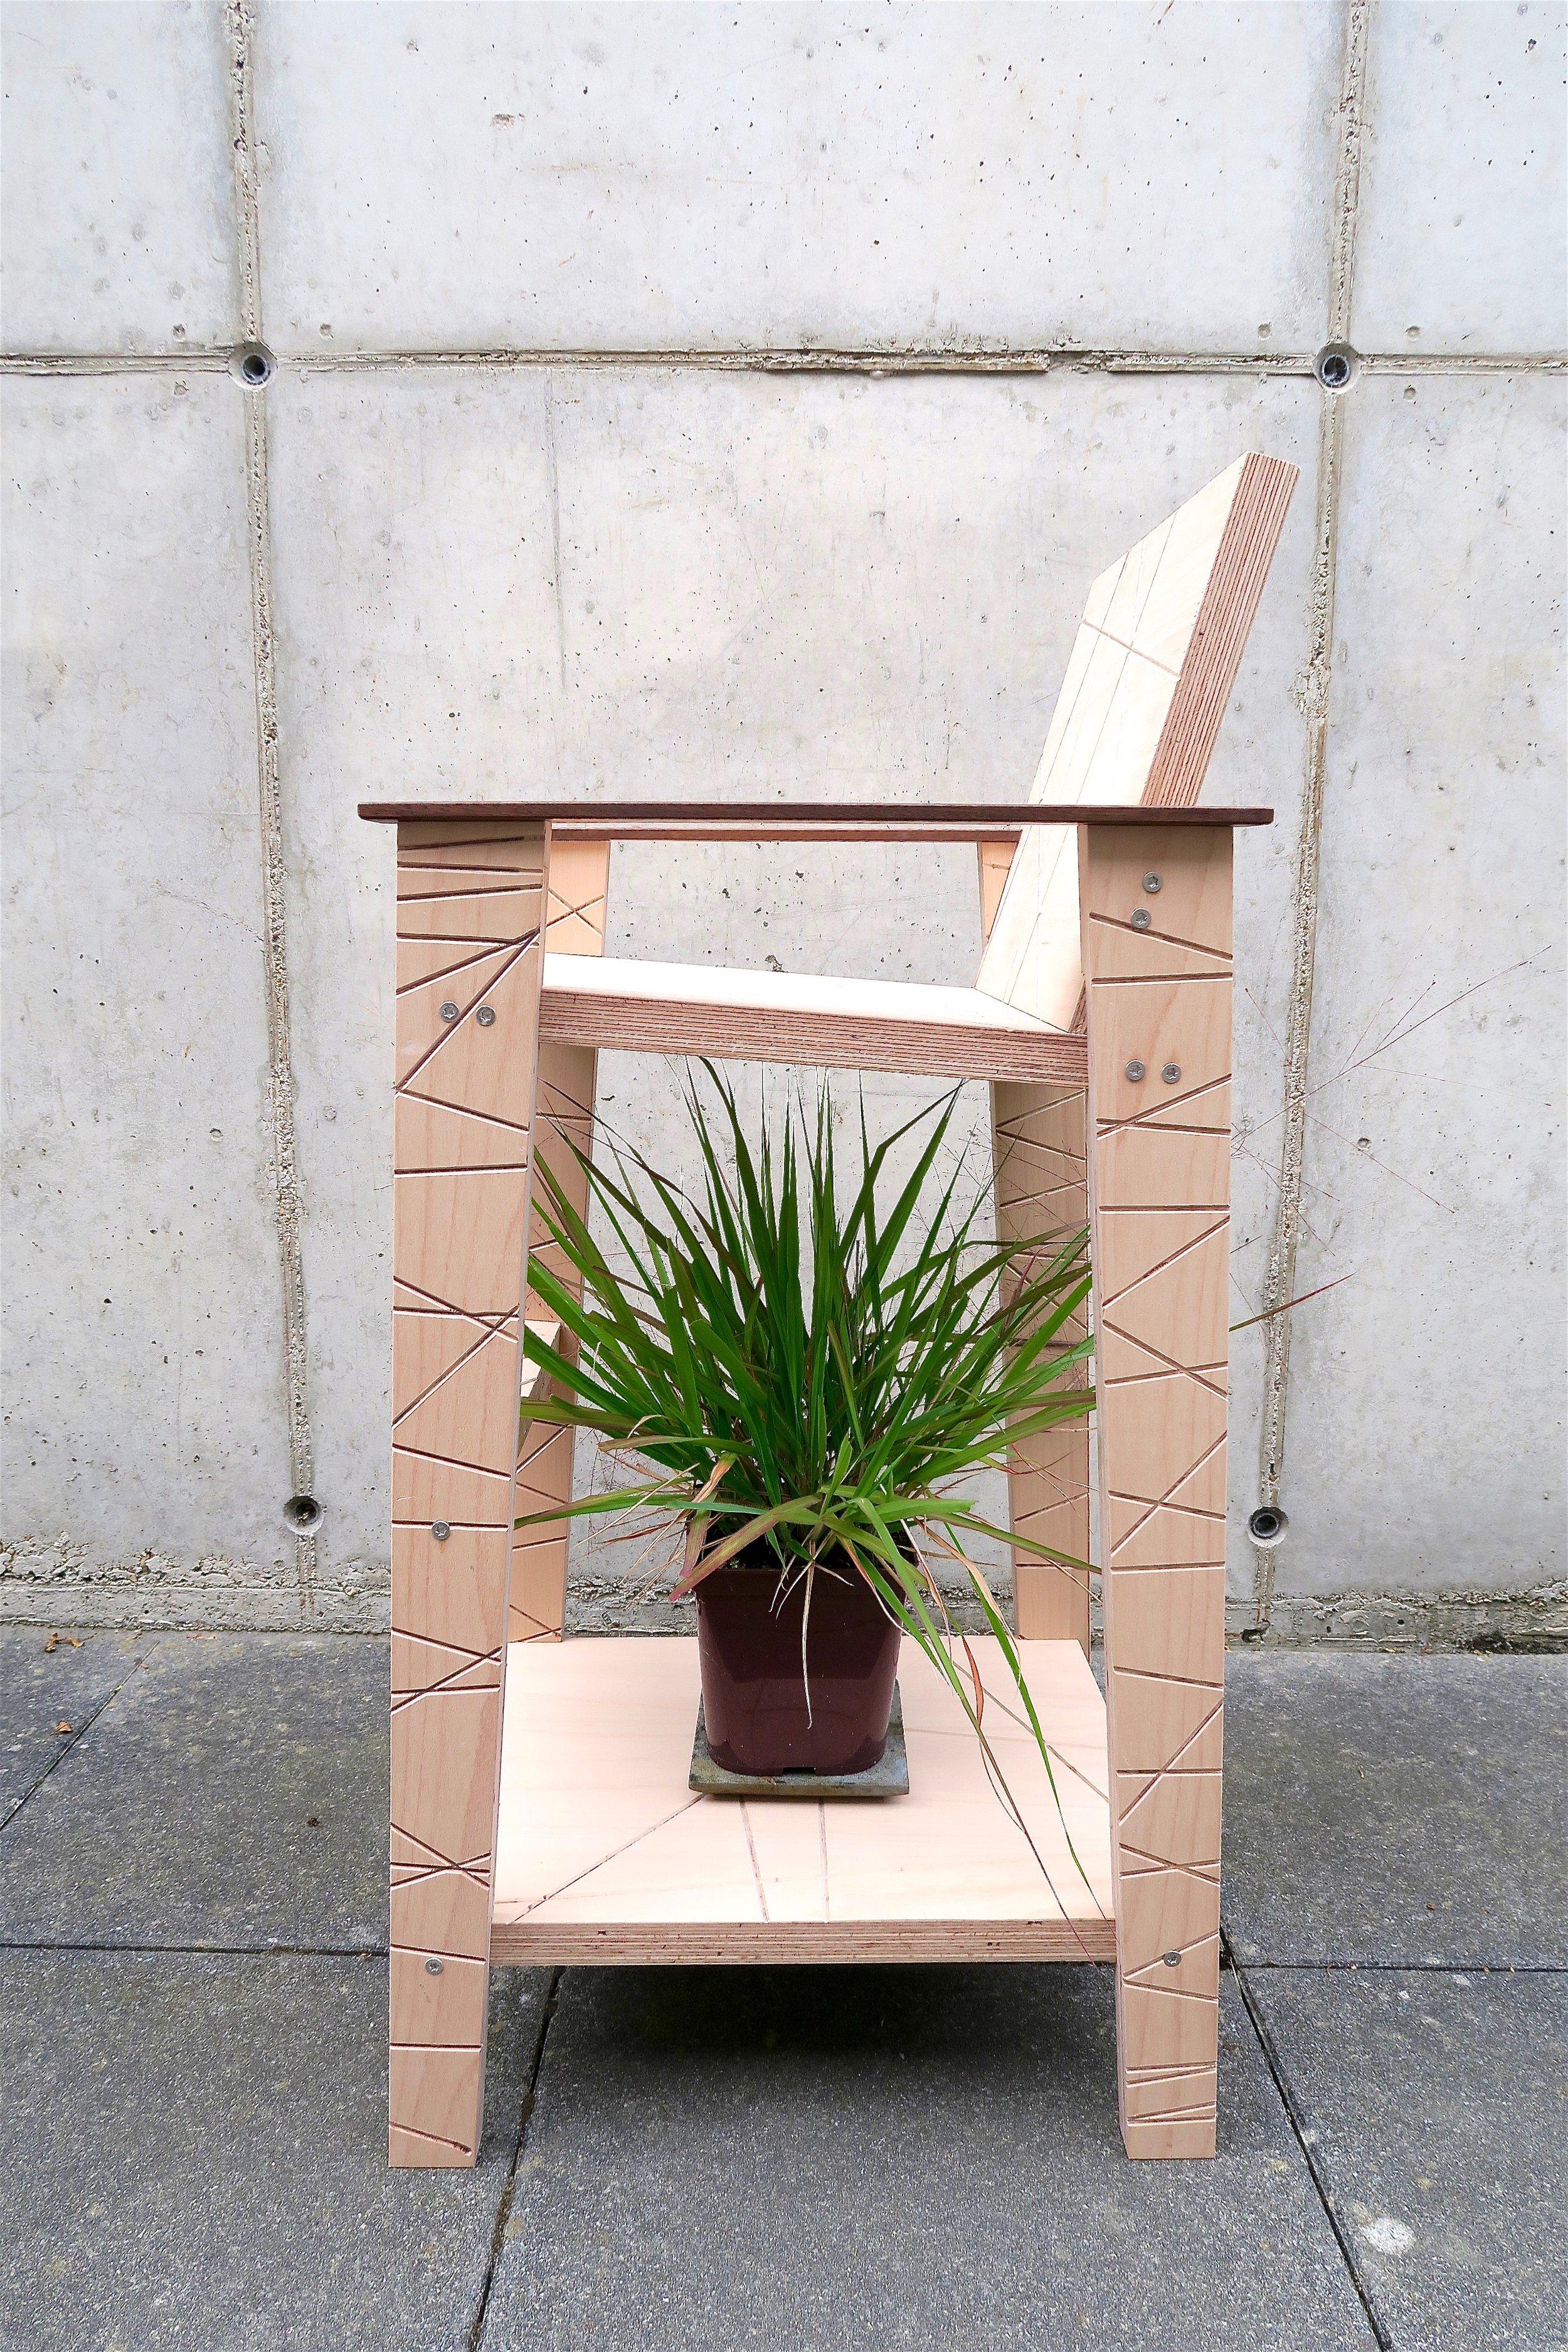 nitsn sustainable bespoke furniture, 2016.